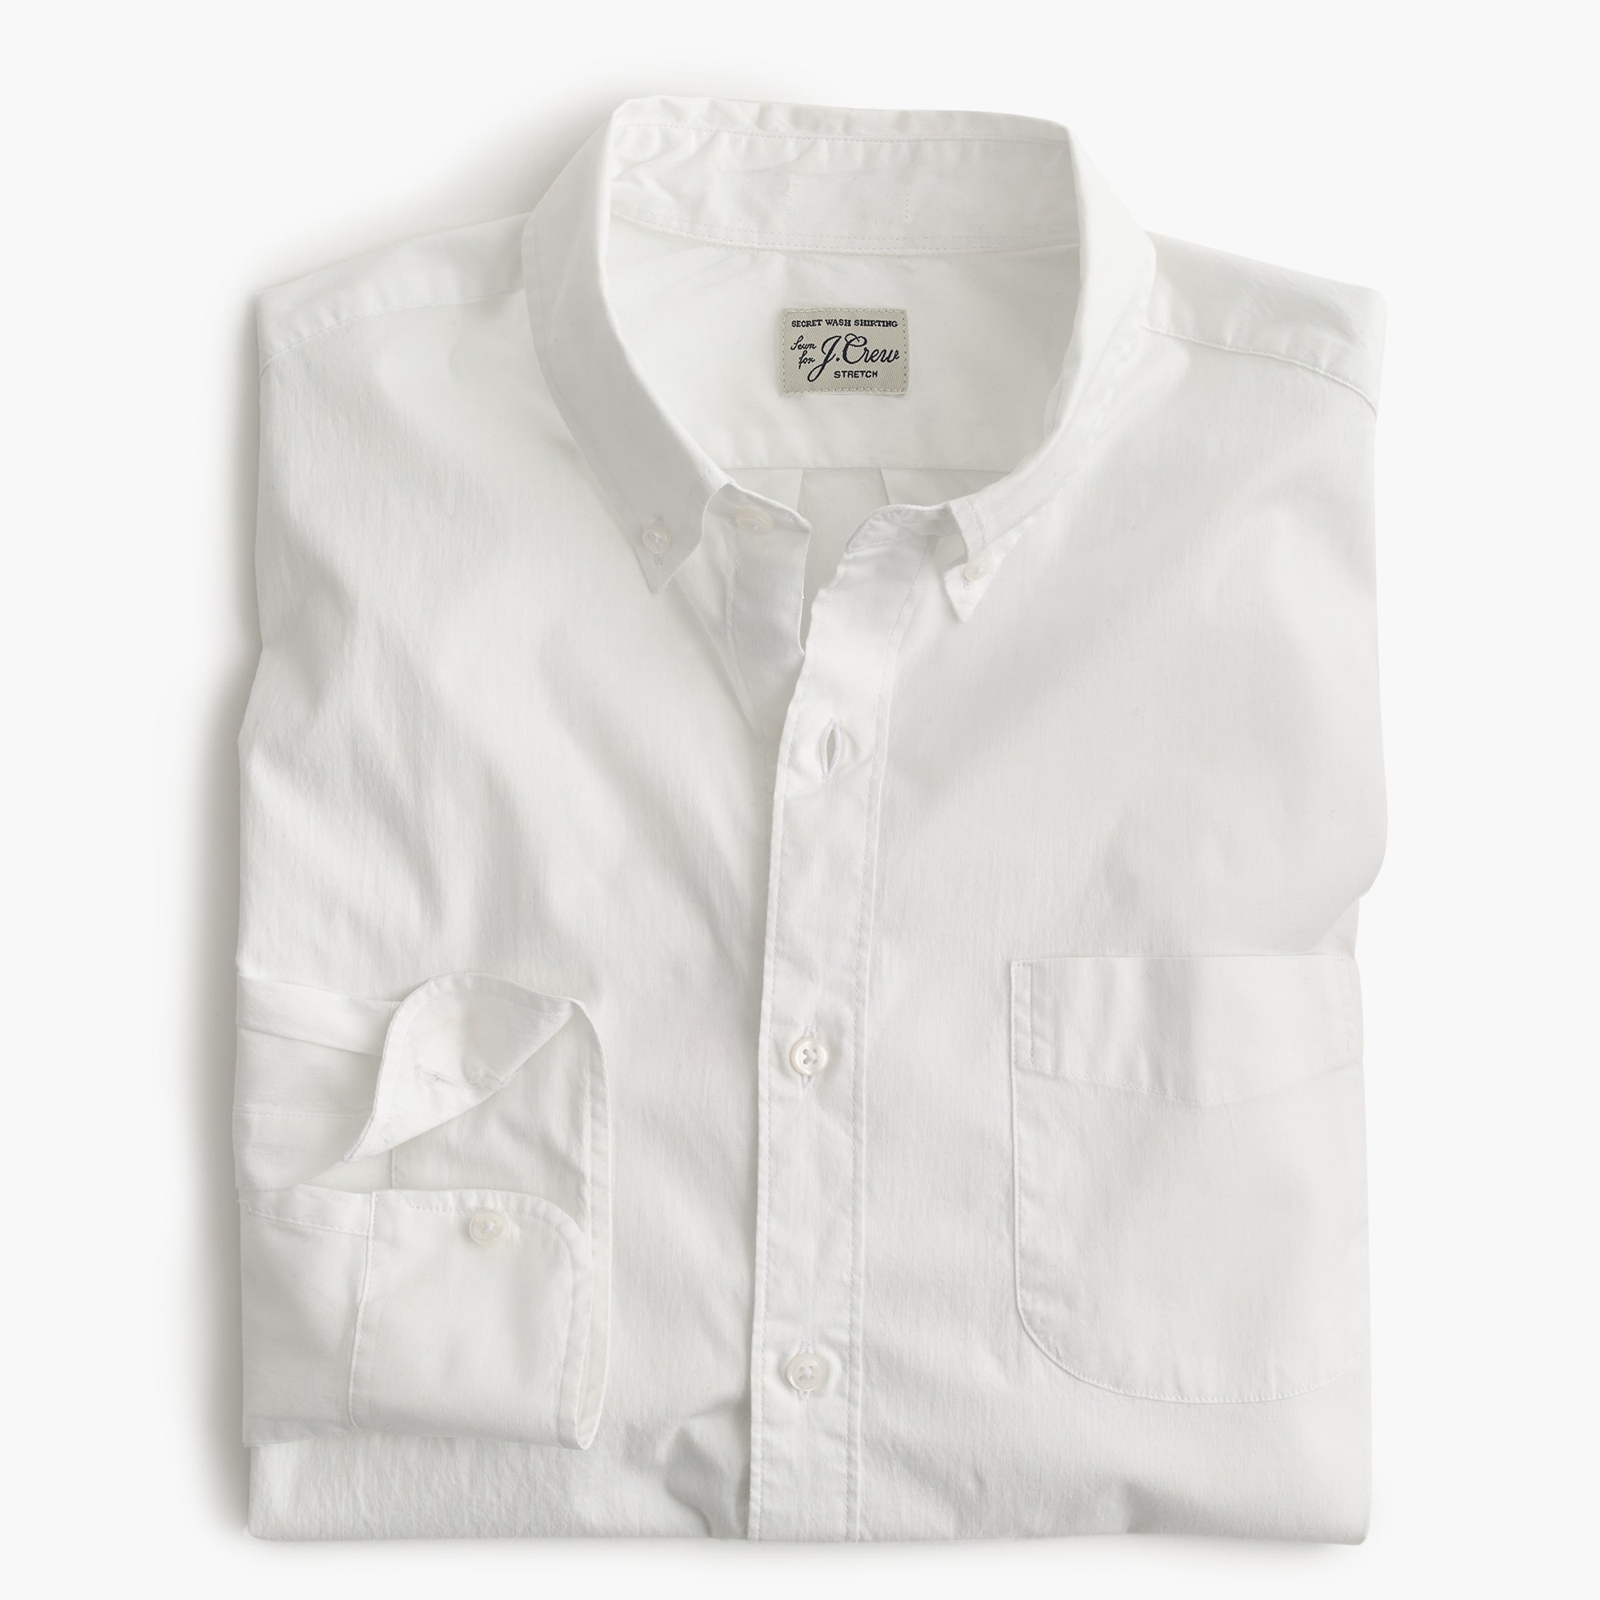 Classic Stretch Secret Wash shirt in white poplin